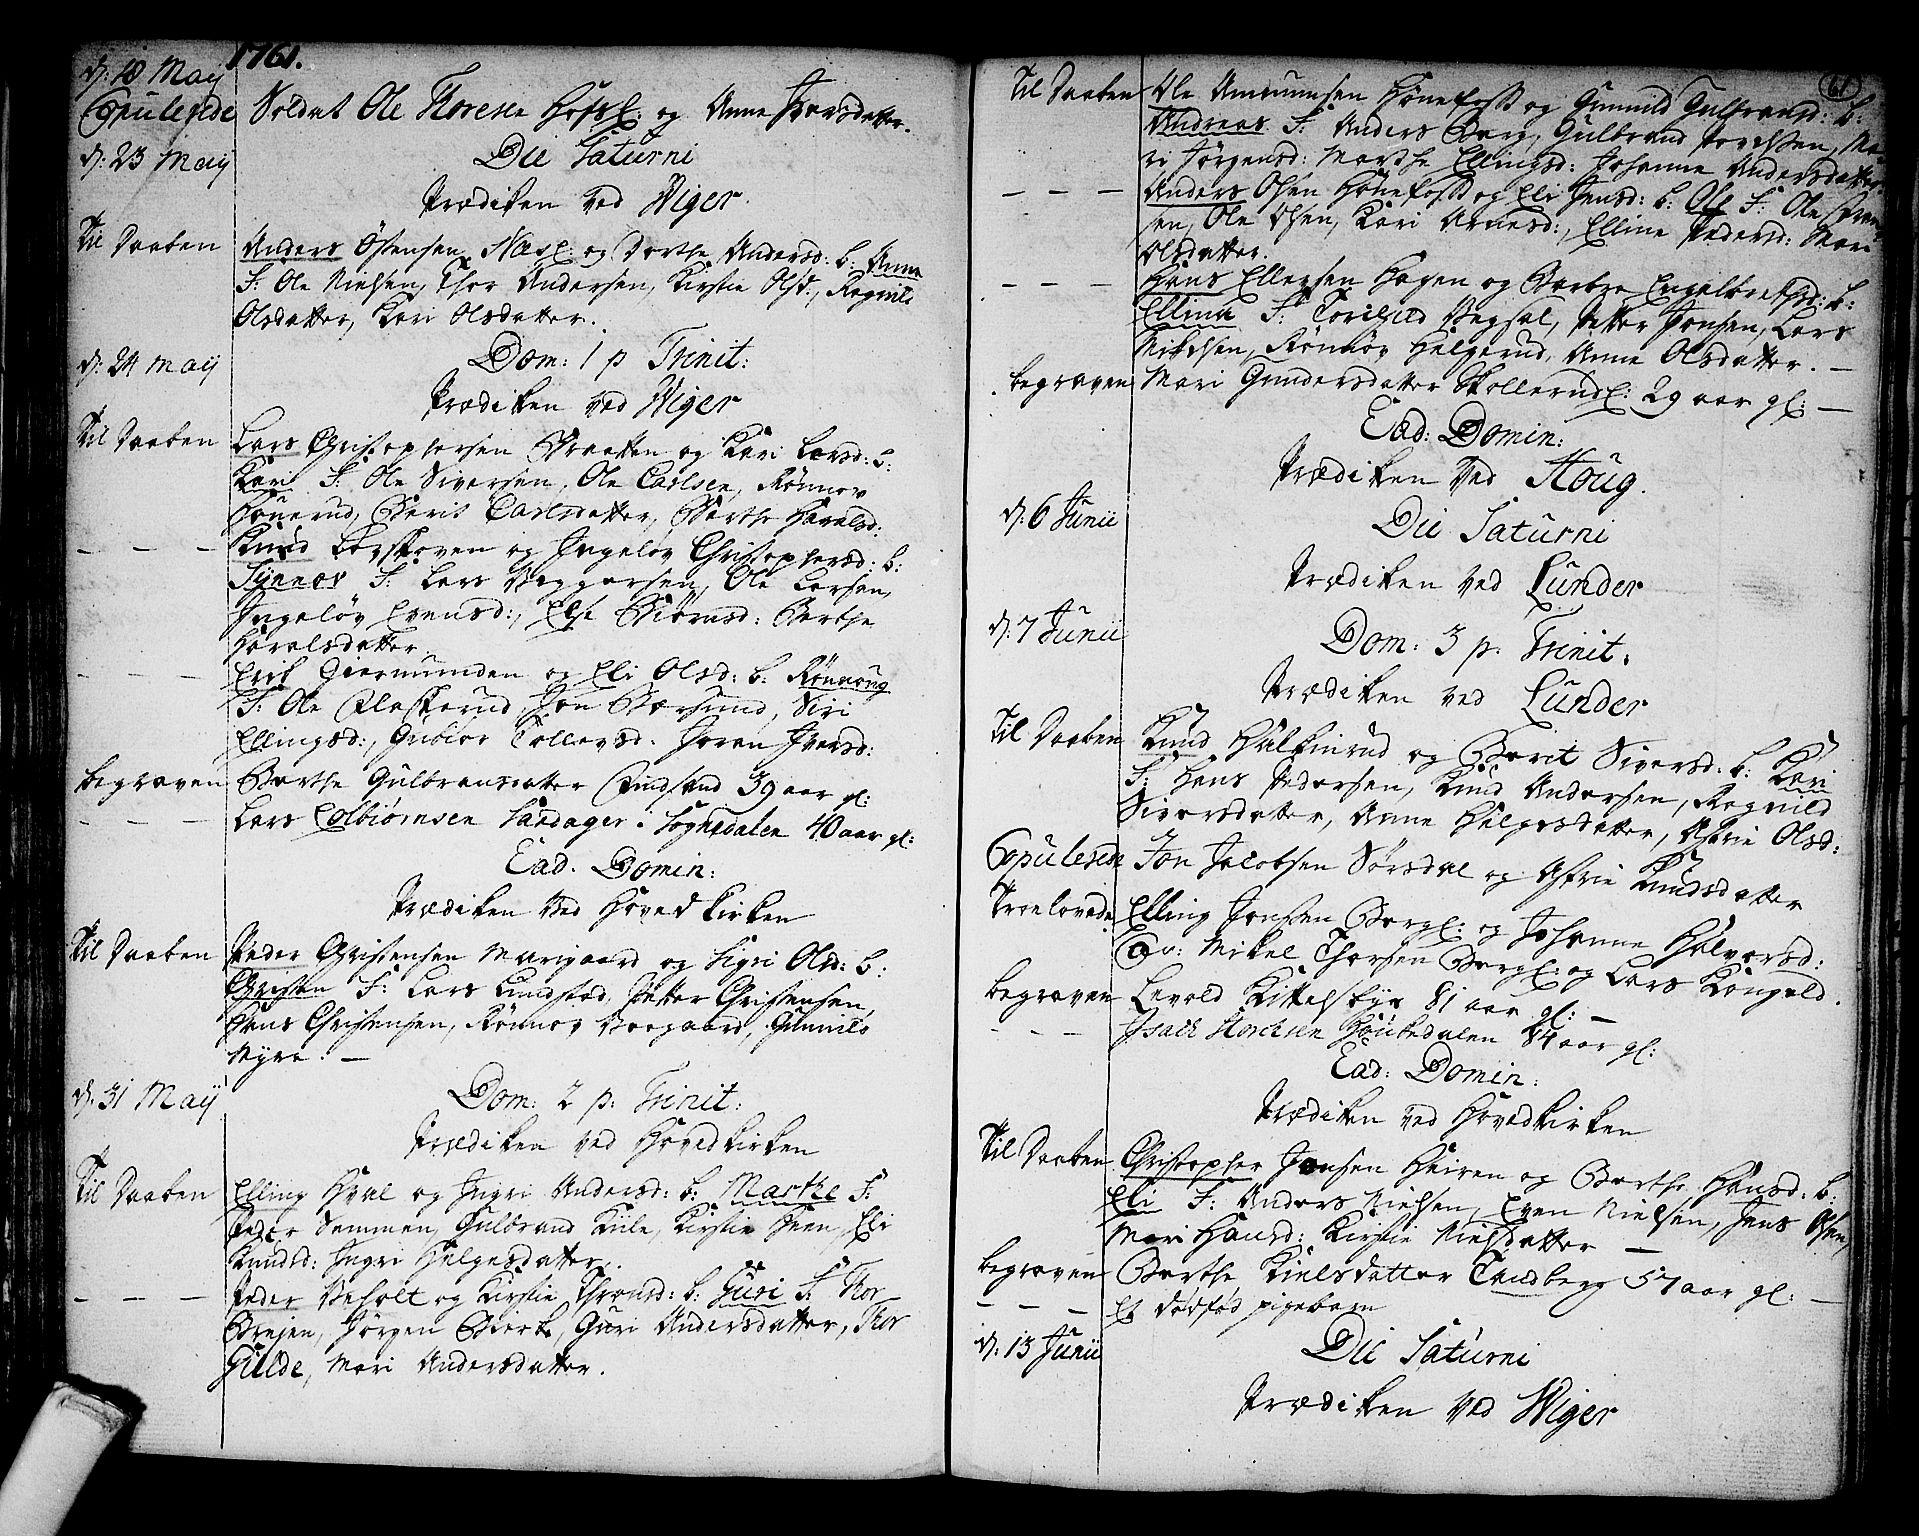 SAKO, Norderhov kirkebøker, F/Fa/L0004: Ministerialbok nr. 4, 1758-1774, s. 61